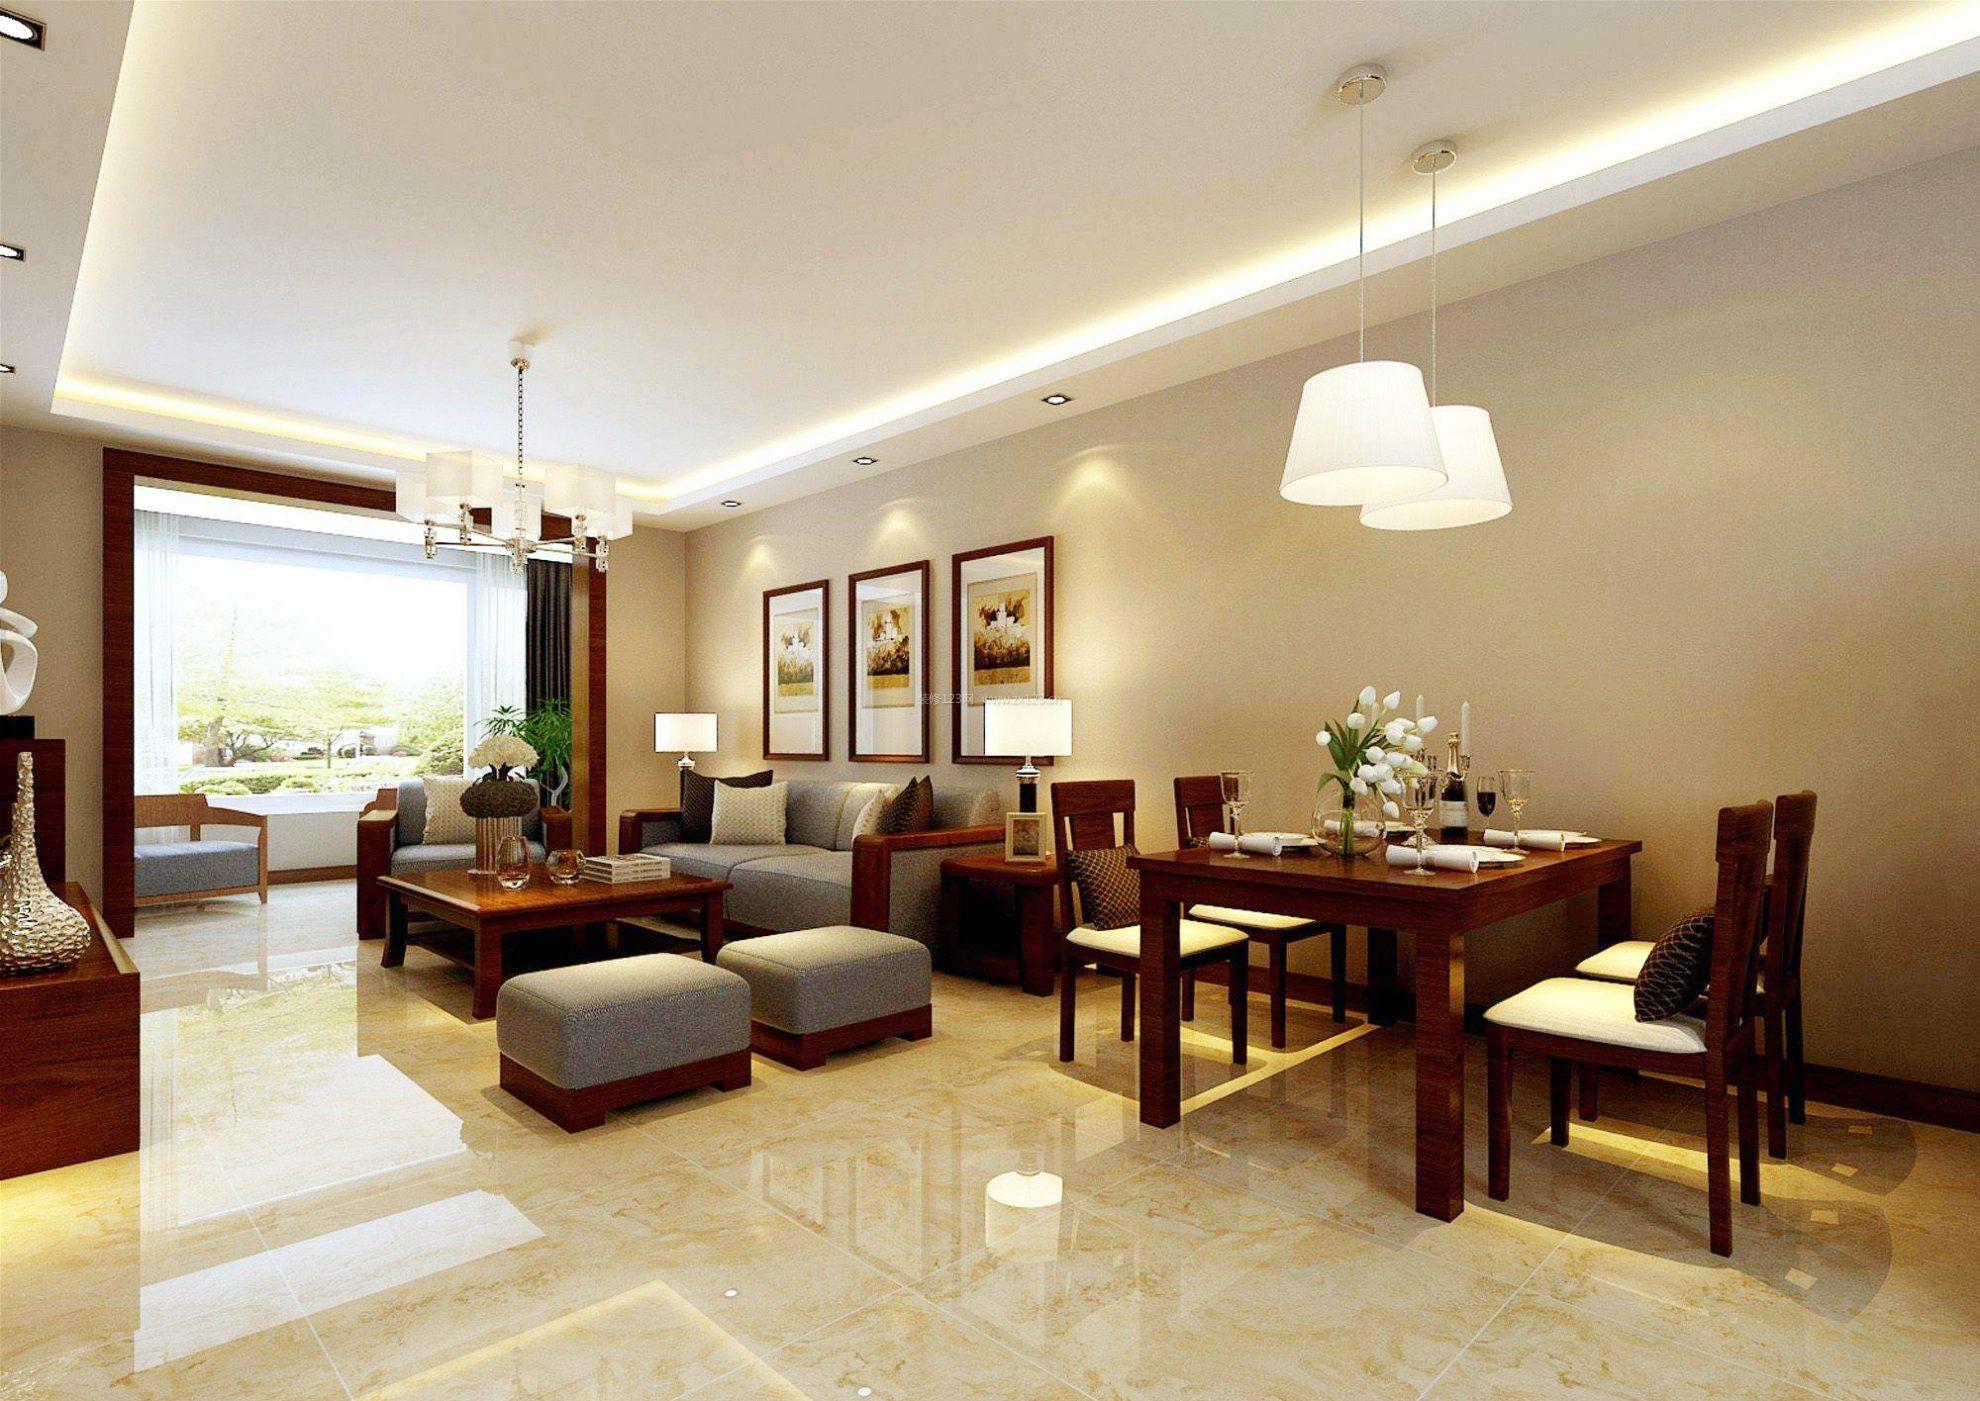 家装效果图 中式 现代中式家居客厅连阳台装修效果图 提供者:   ←图片